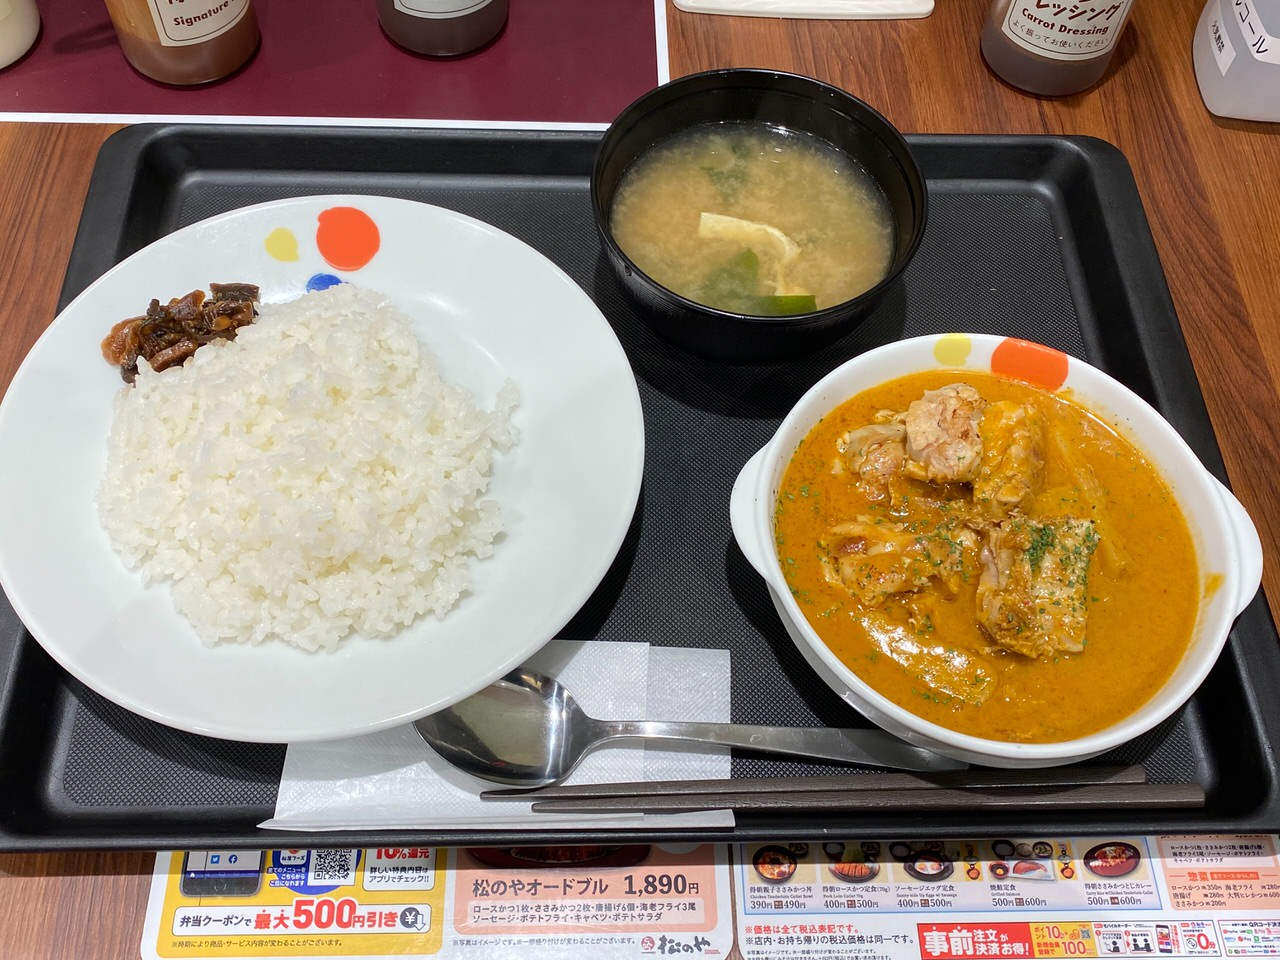 【松屋】世界一美味しい料理と言われるタイ料理「マッサマンカレー」 1